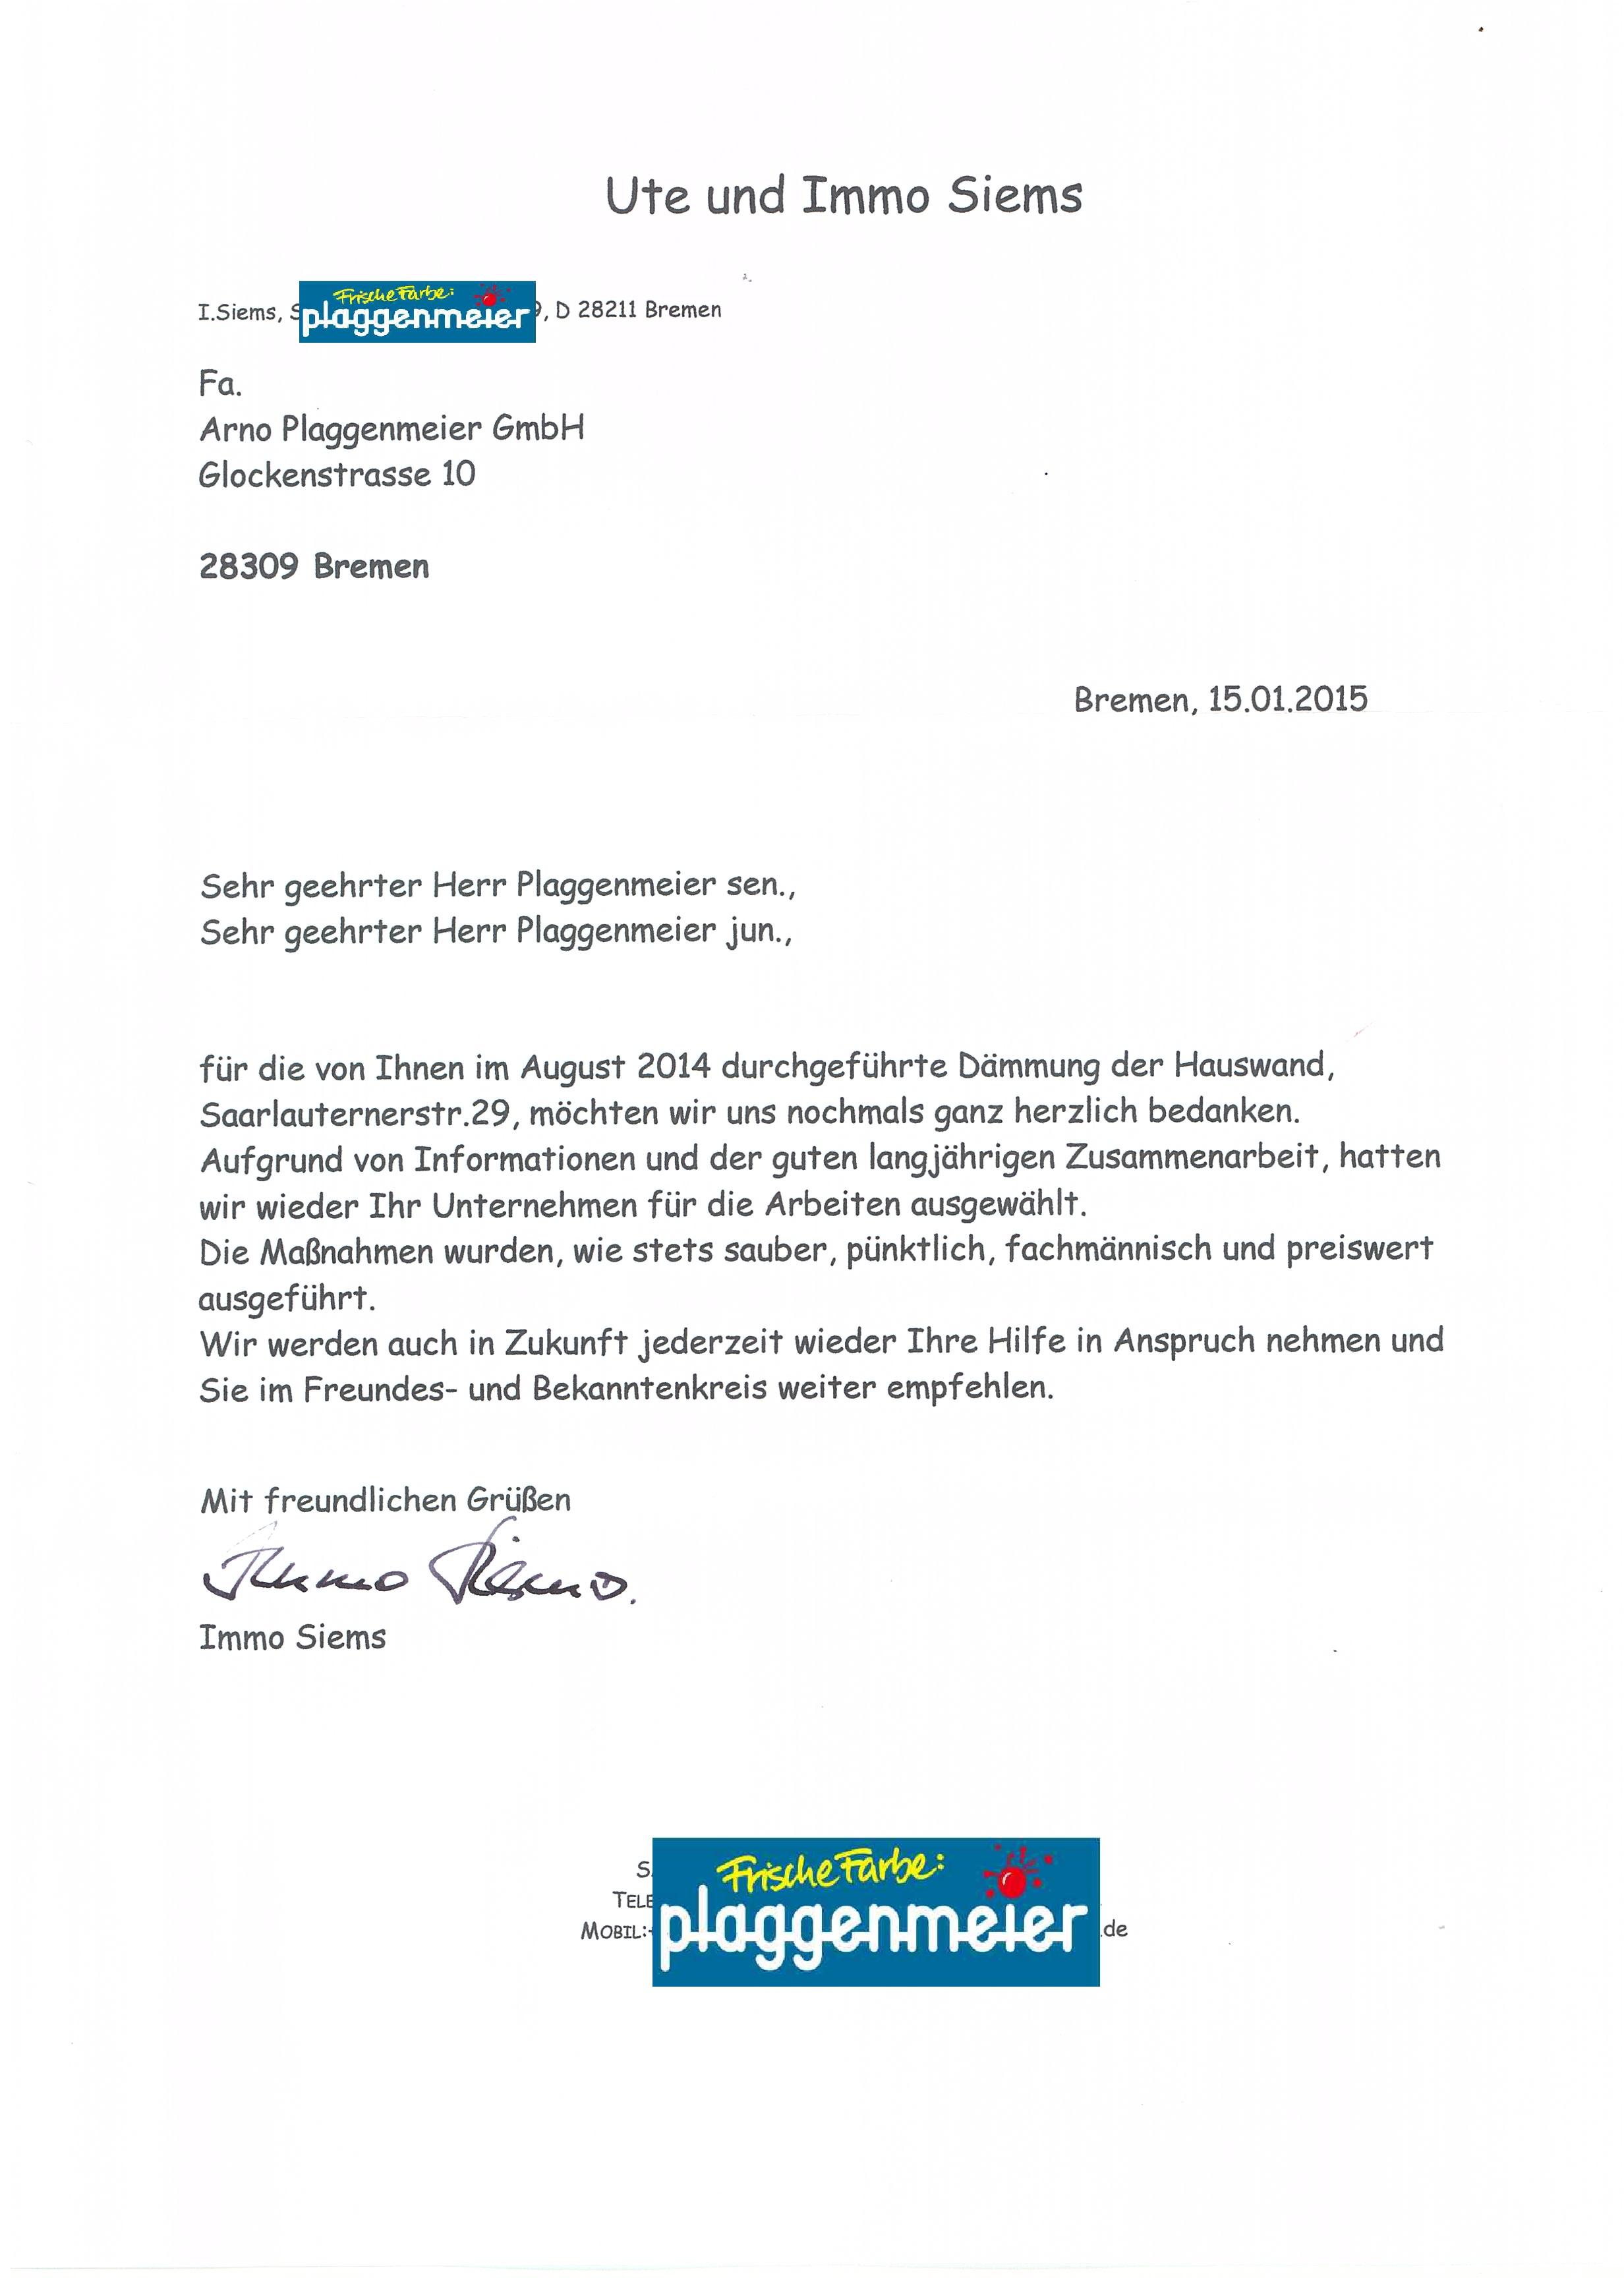 Feedback von einem treuen Kunden - Arno Plaggenmeier GmbH - Maler Bremen